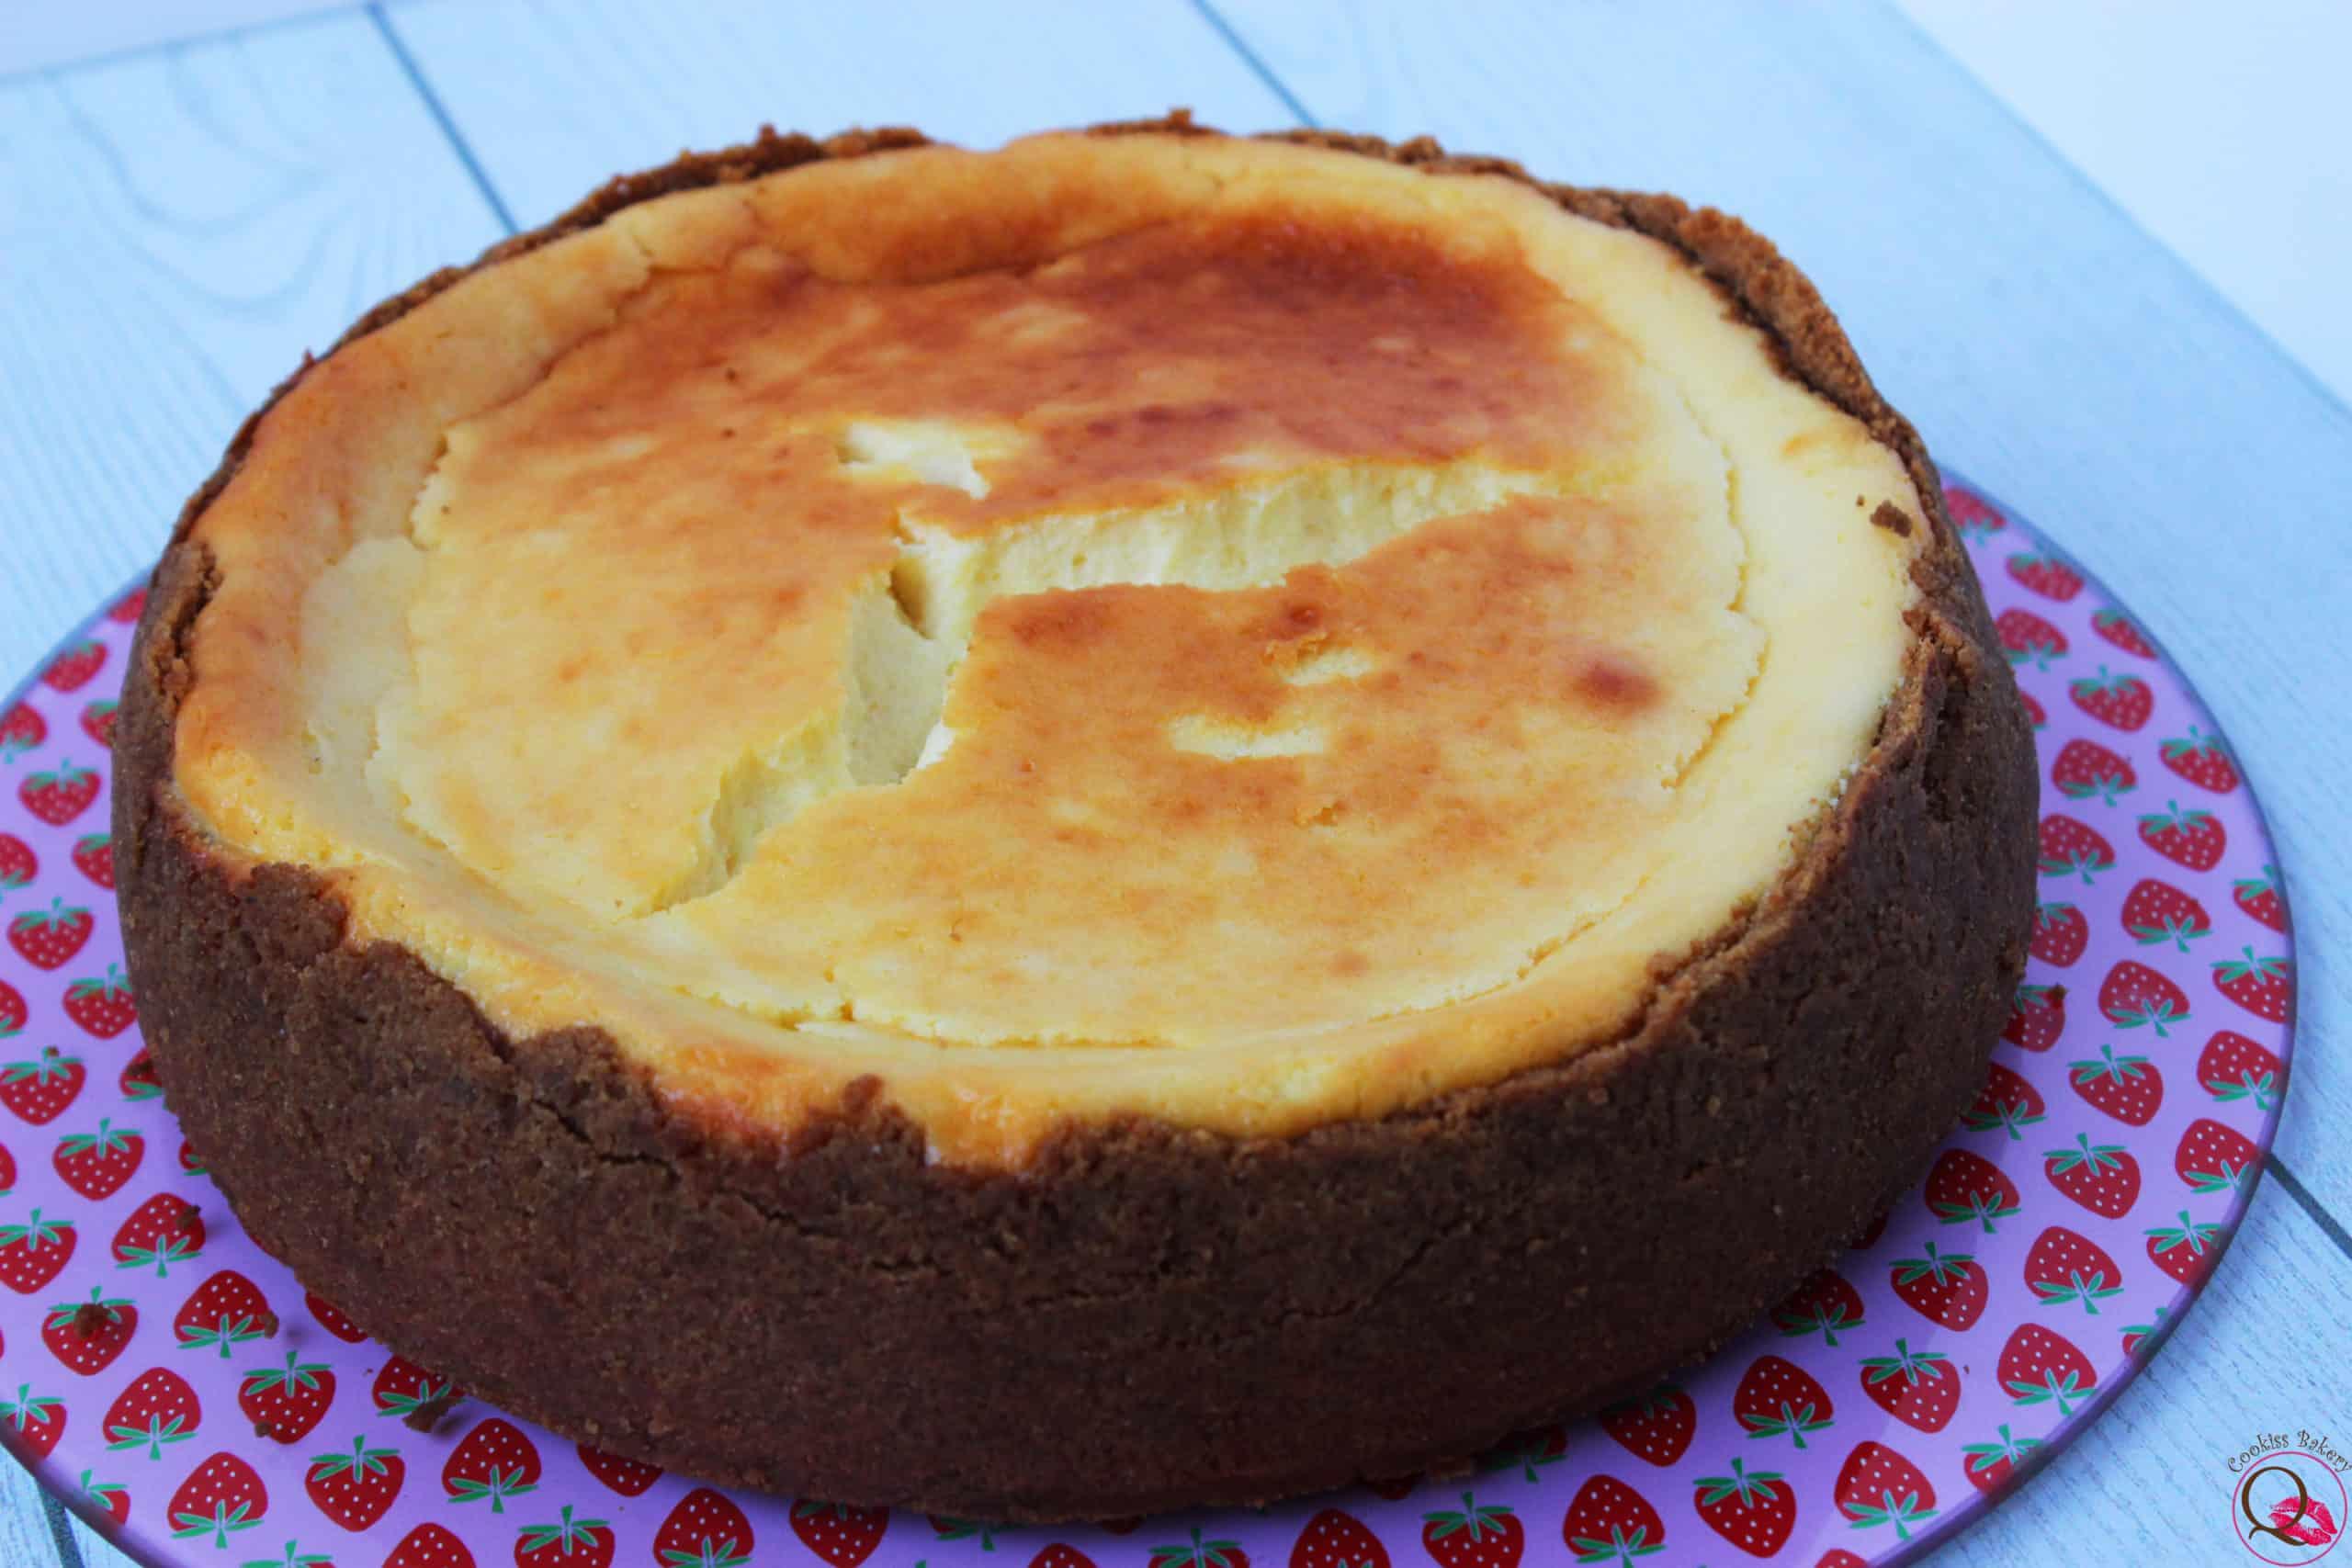 Pourquoi le gâteau au fromage craquele-t-il?